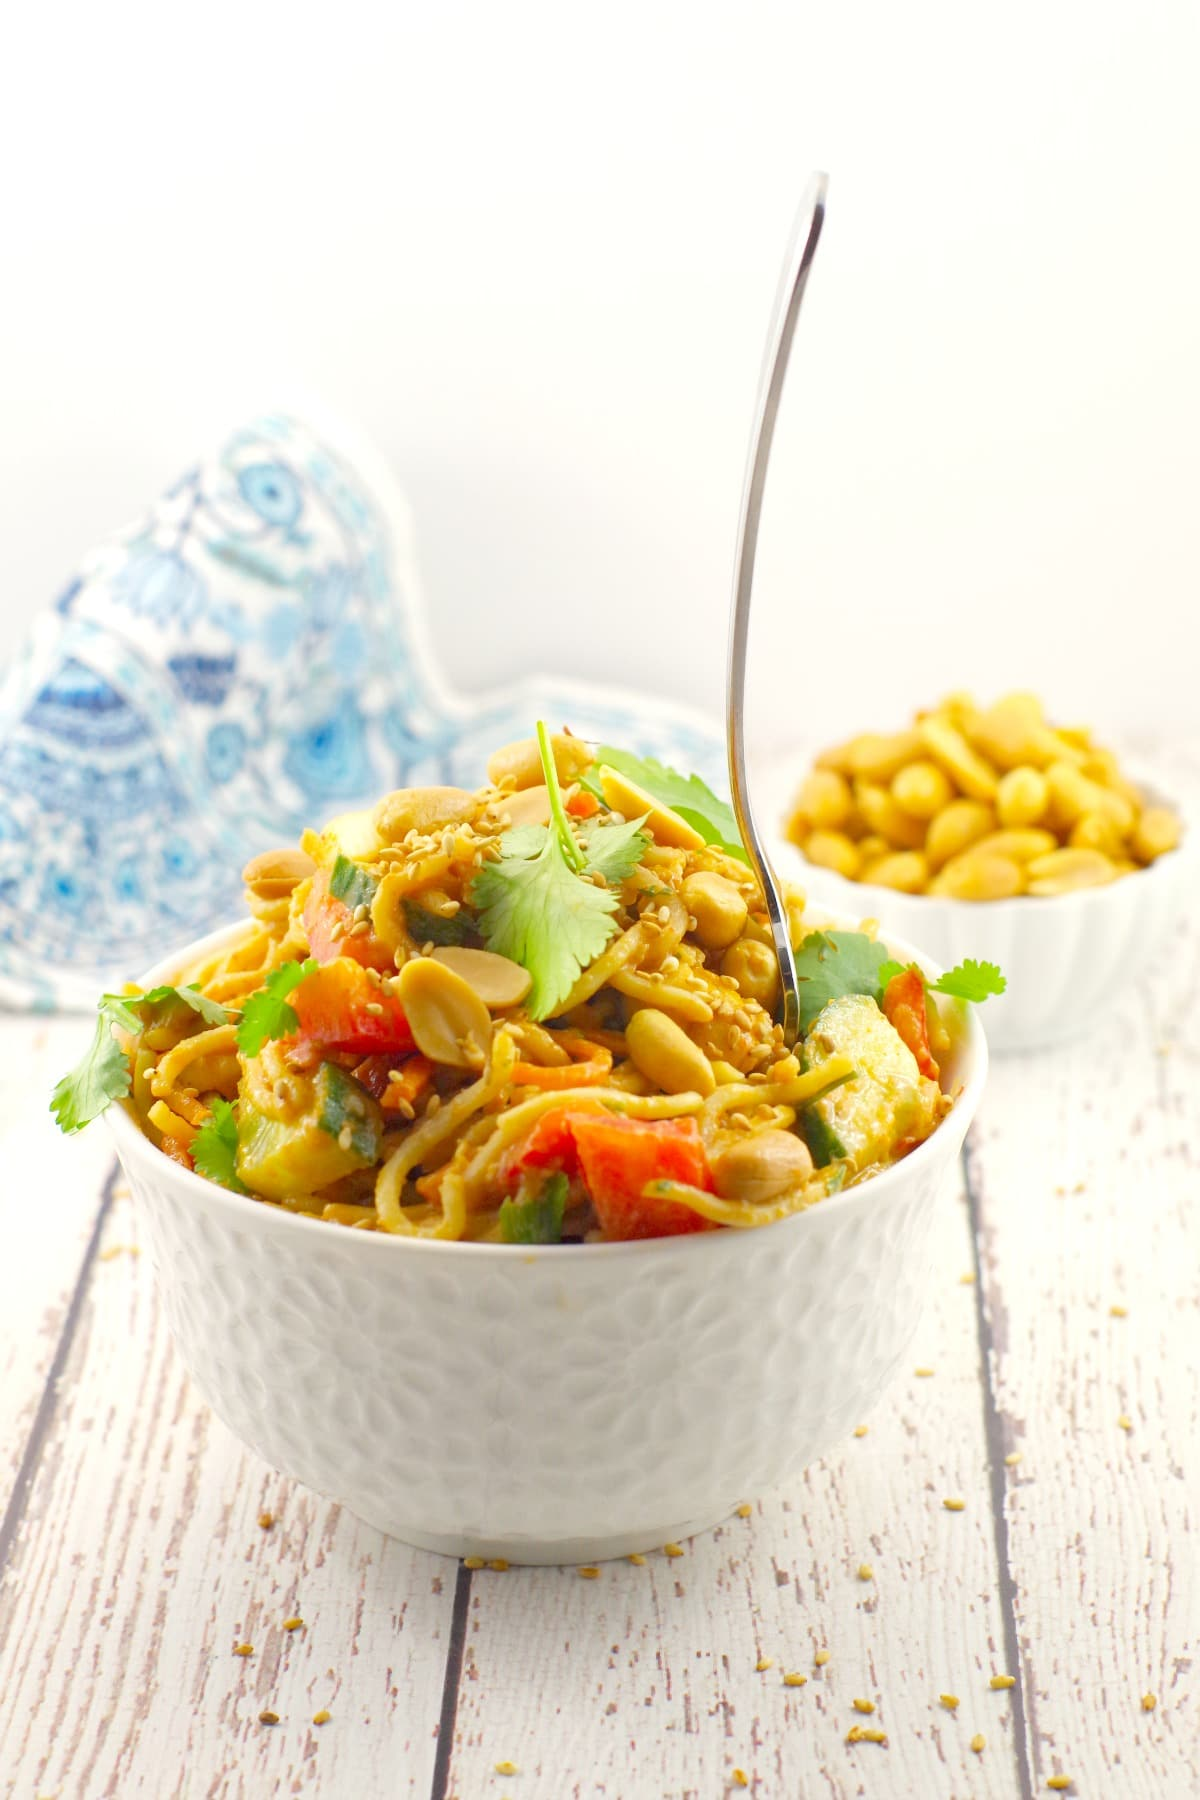 Spicy Vegan Peanut Pasta Salad